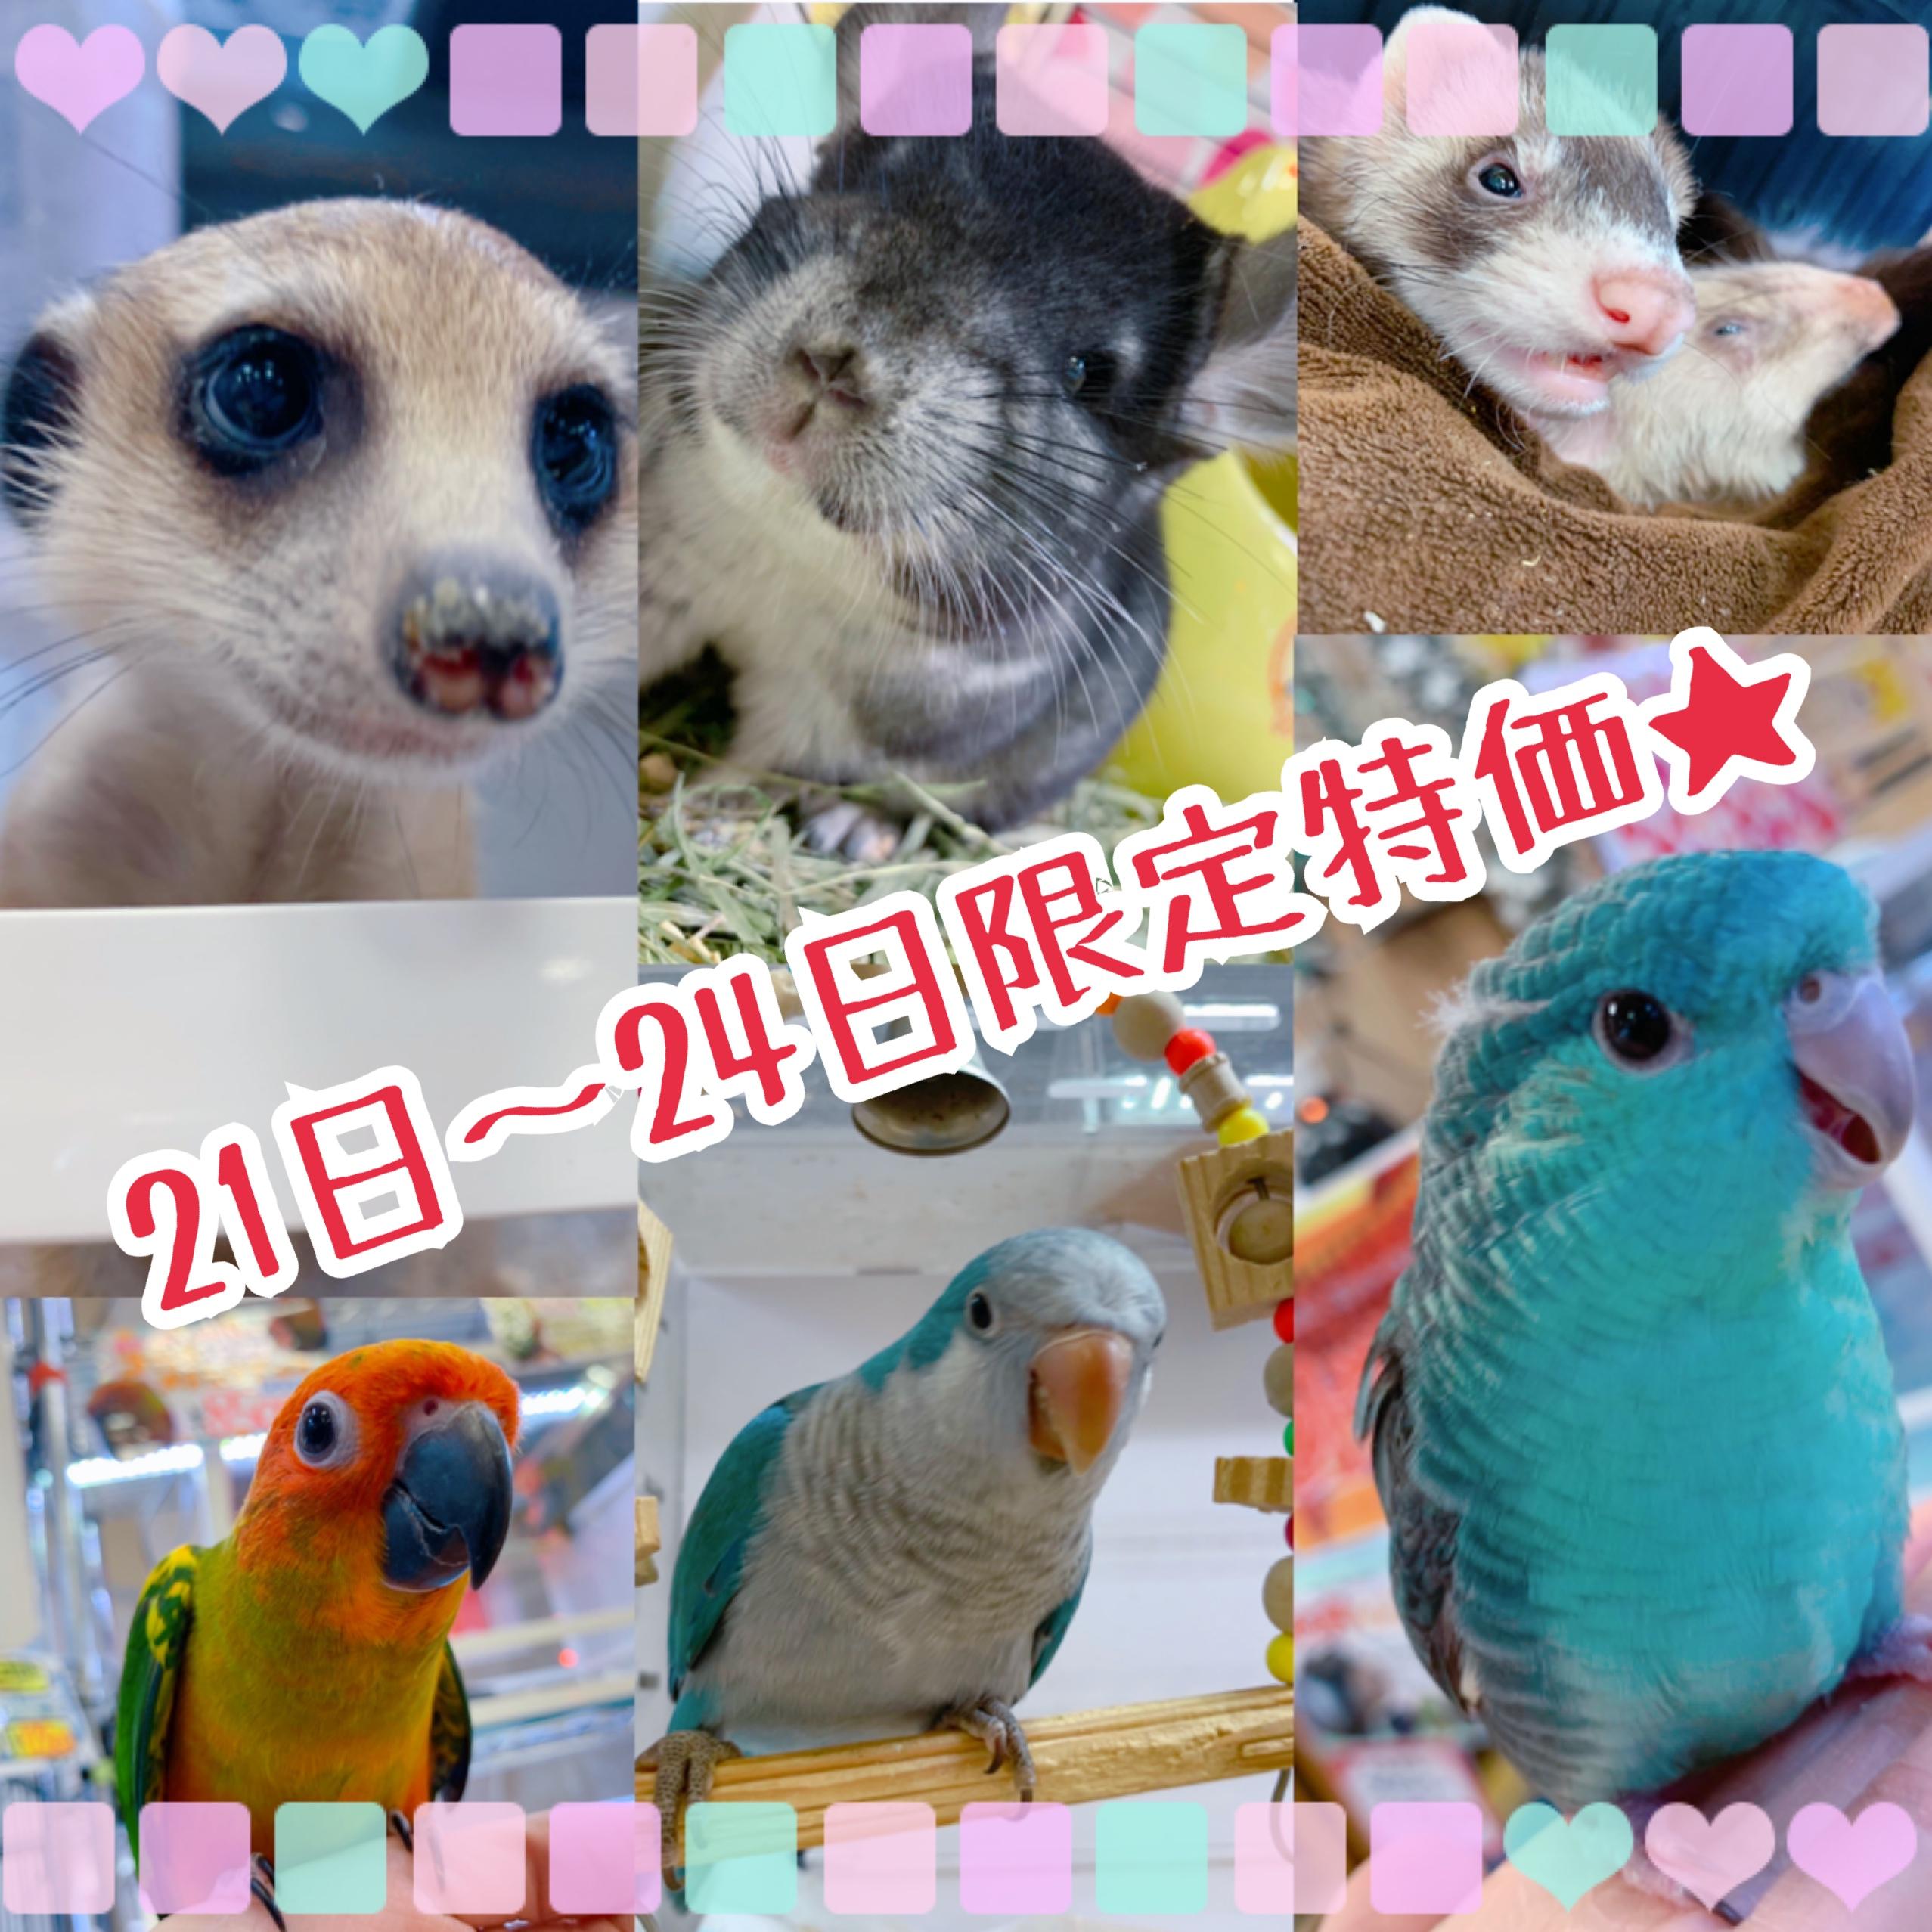 【インター小動物】明日からの4日間!!スペシャル特価開催です☆彡